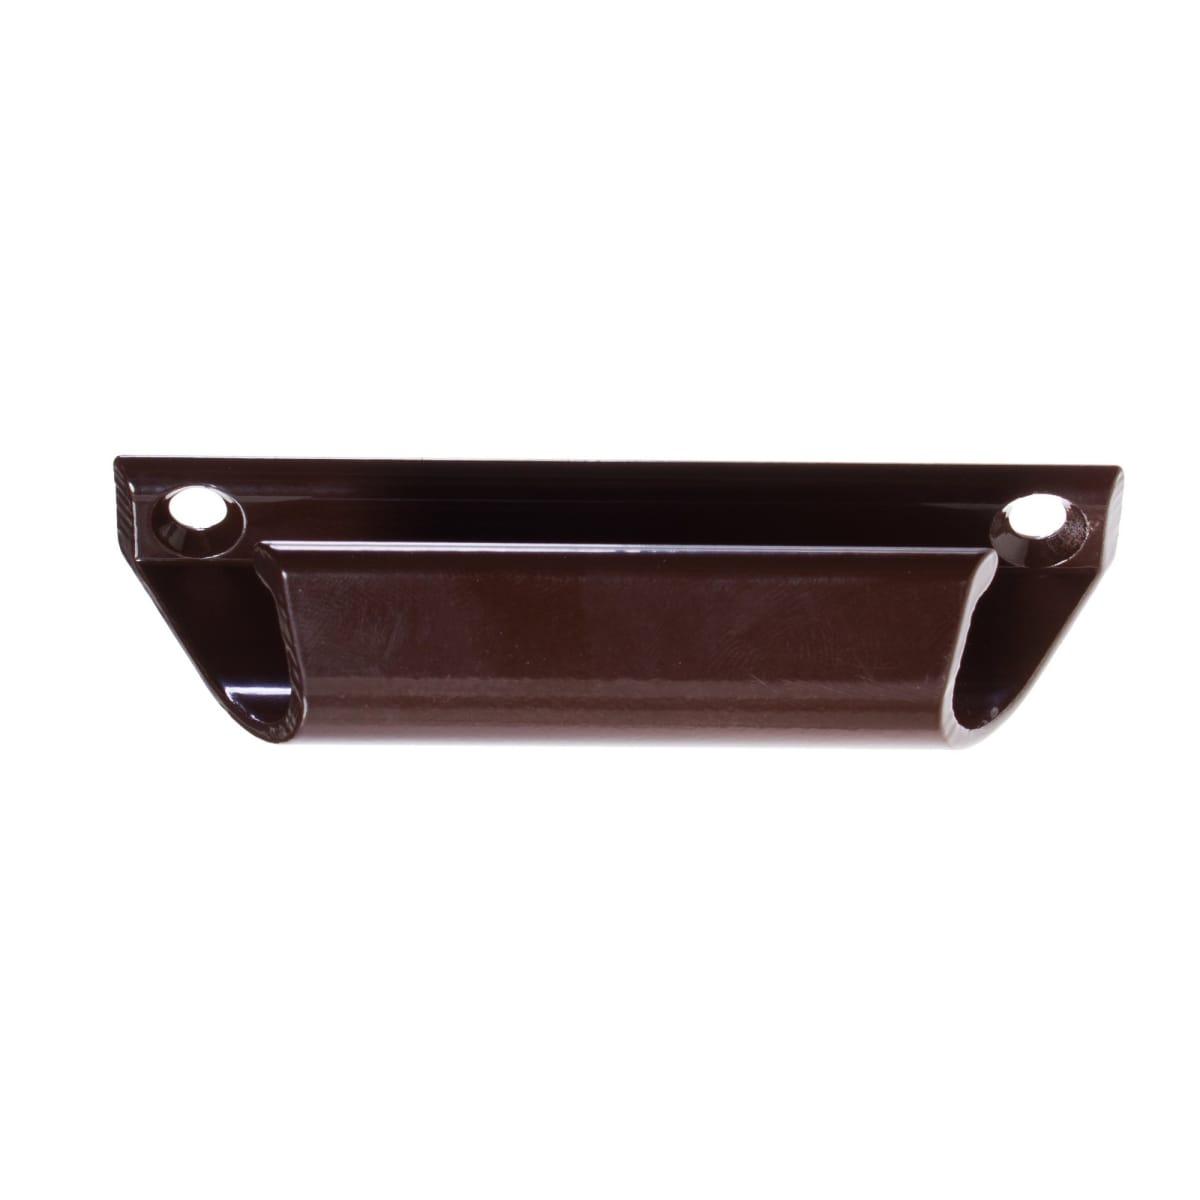 Ручки для балконной двери, цвет коричневый